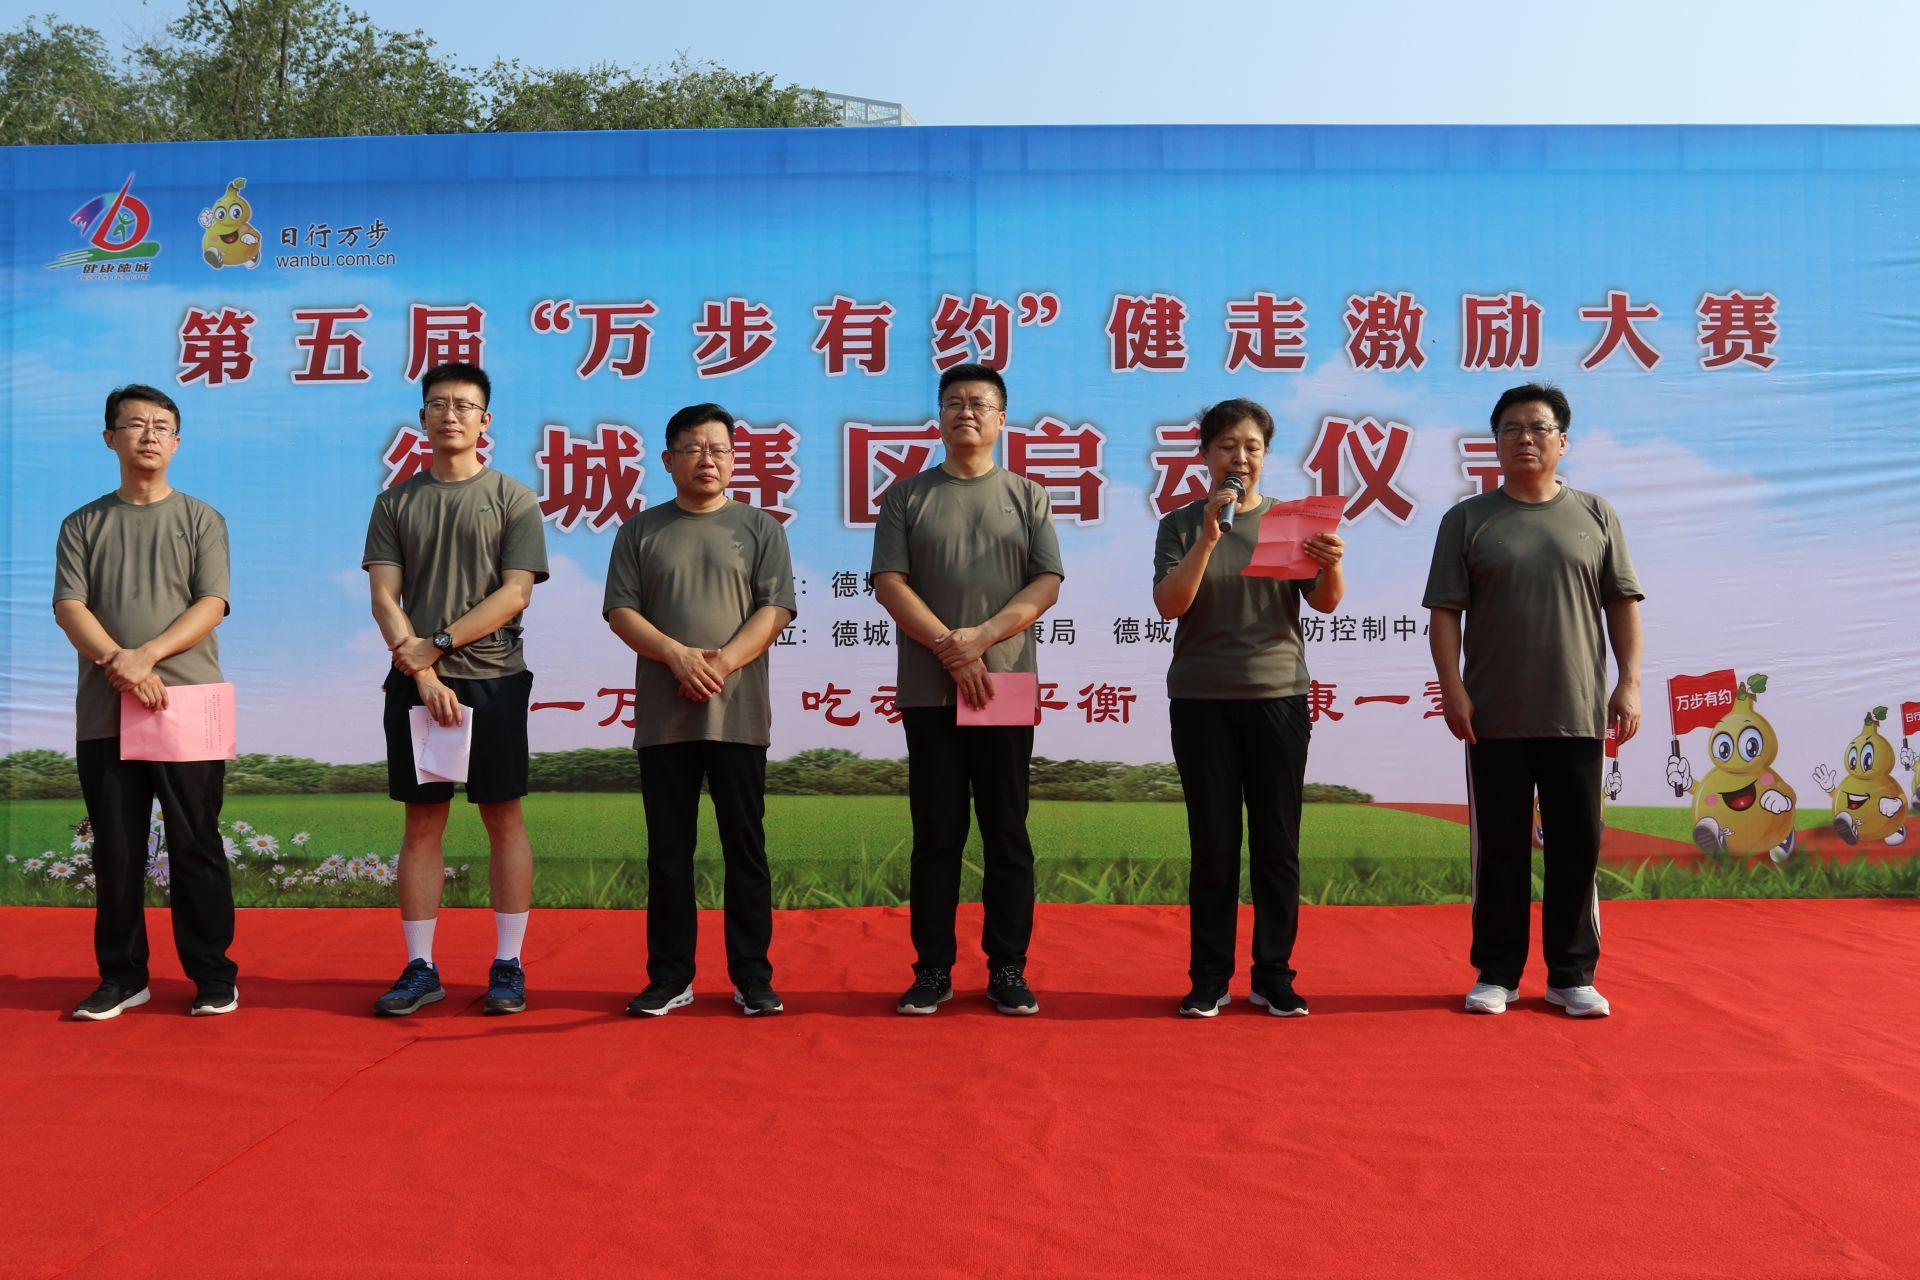 http://www.k2summit.cn/junshijunmi/2865446.html